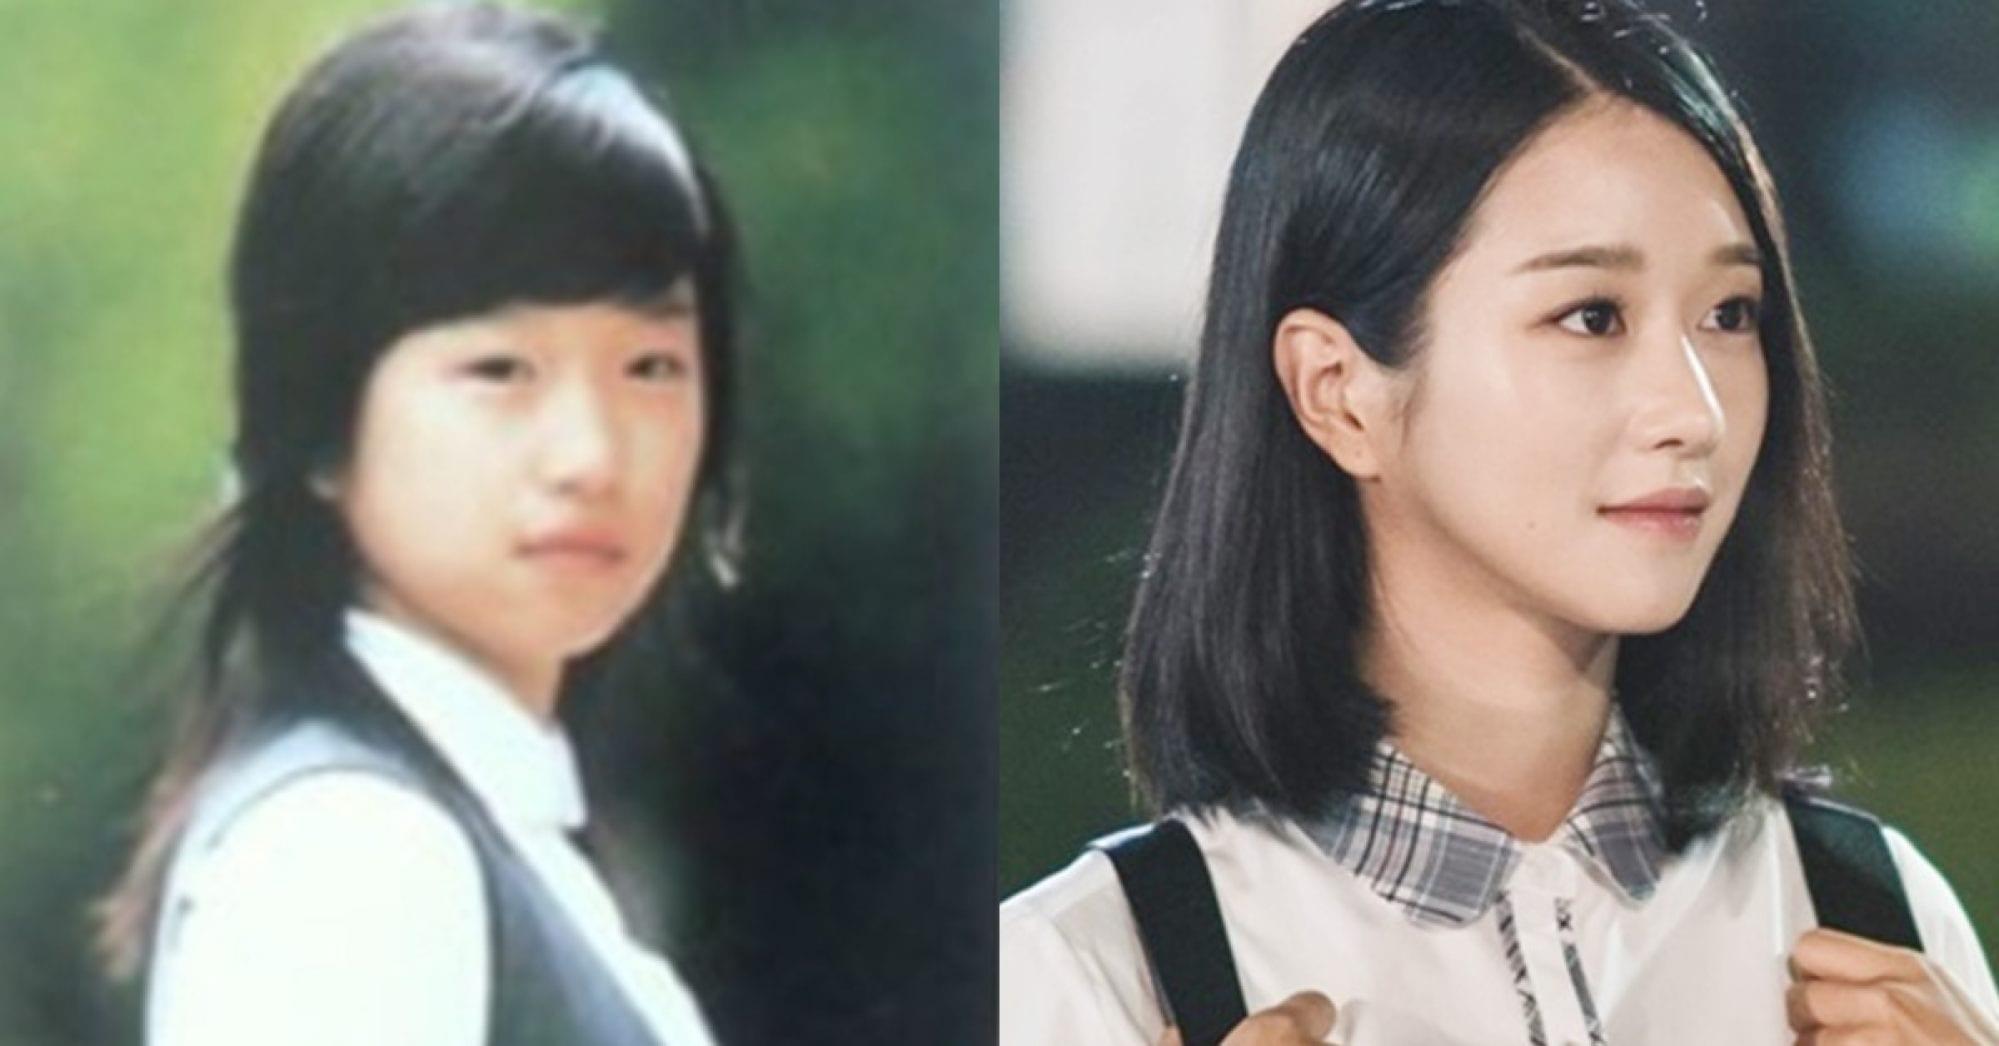 Seo Ye Ji's Middle School Picture